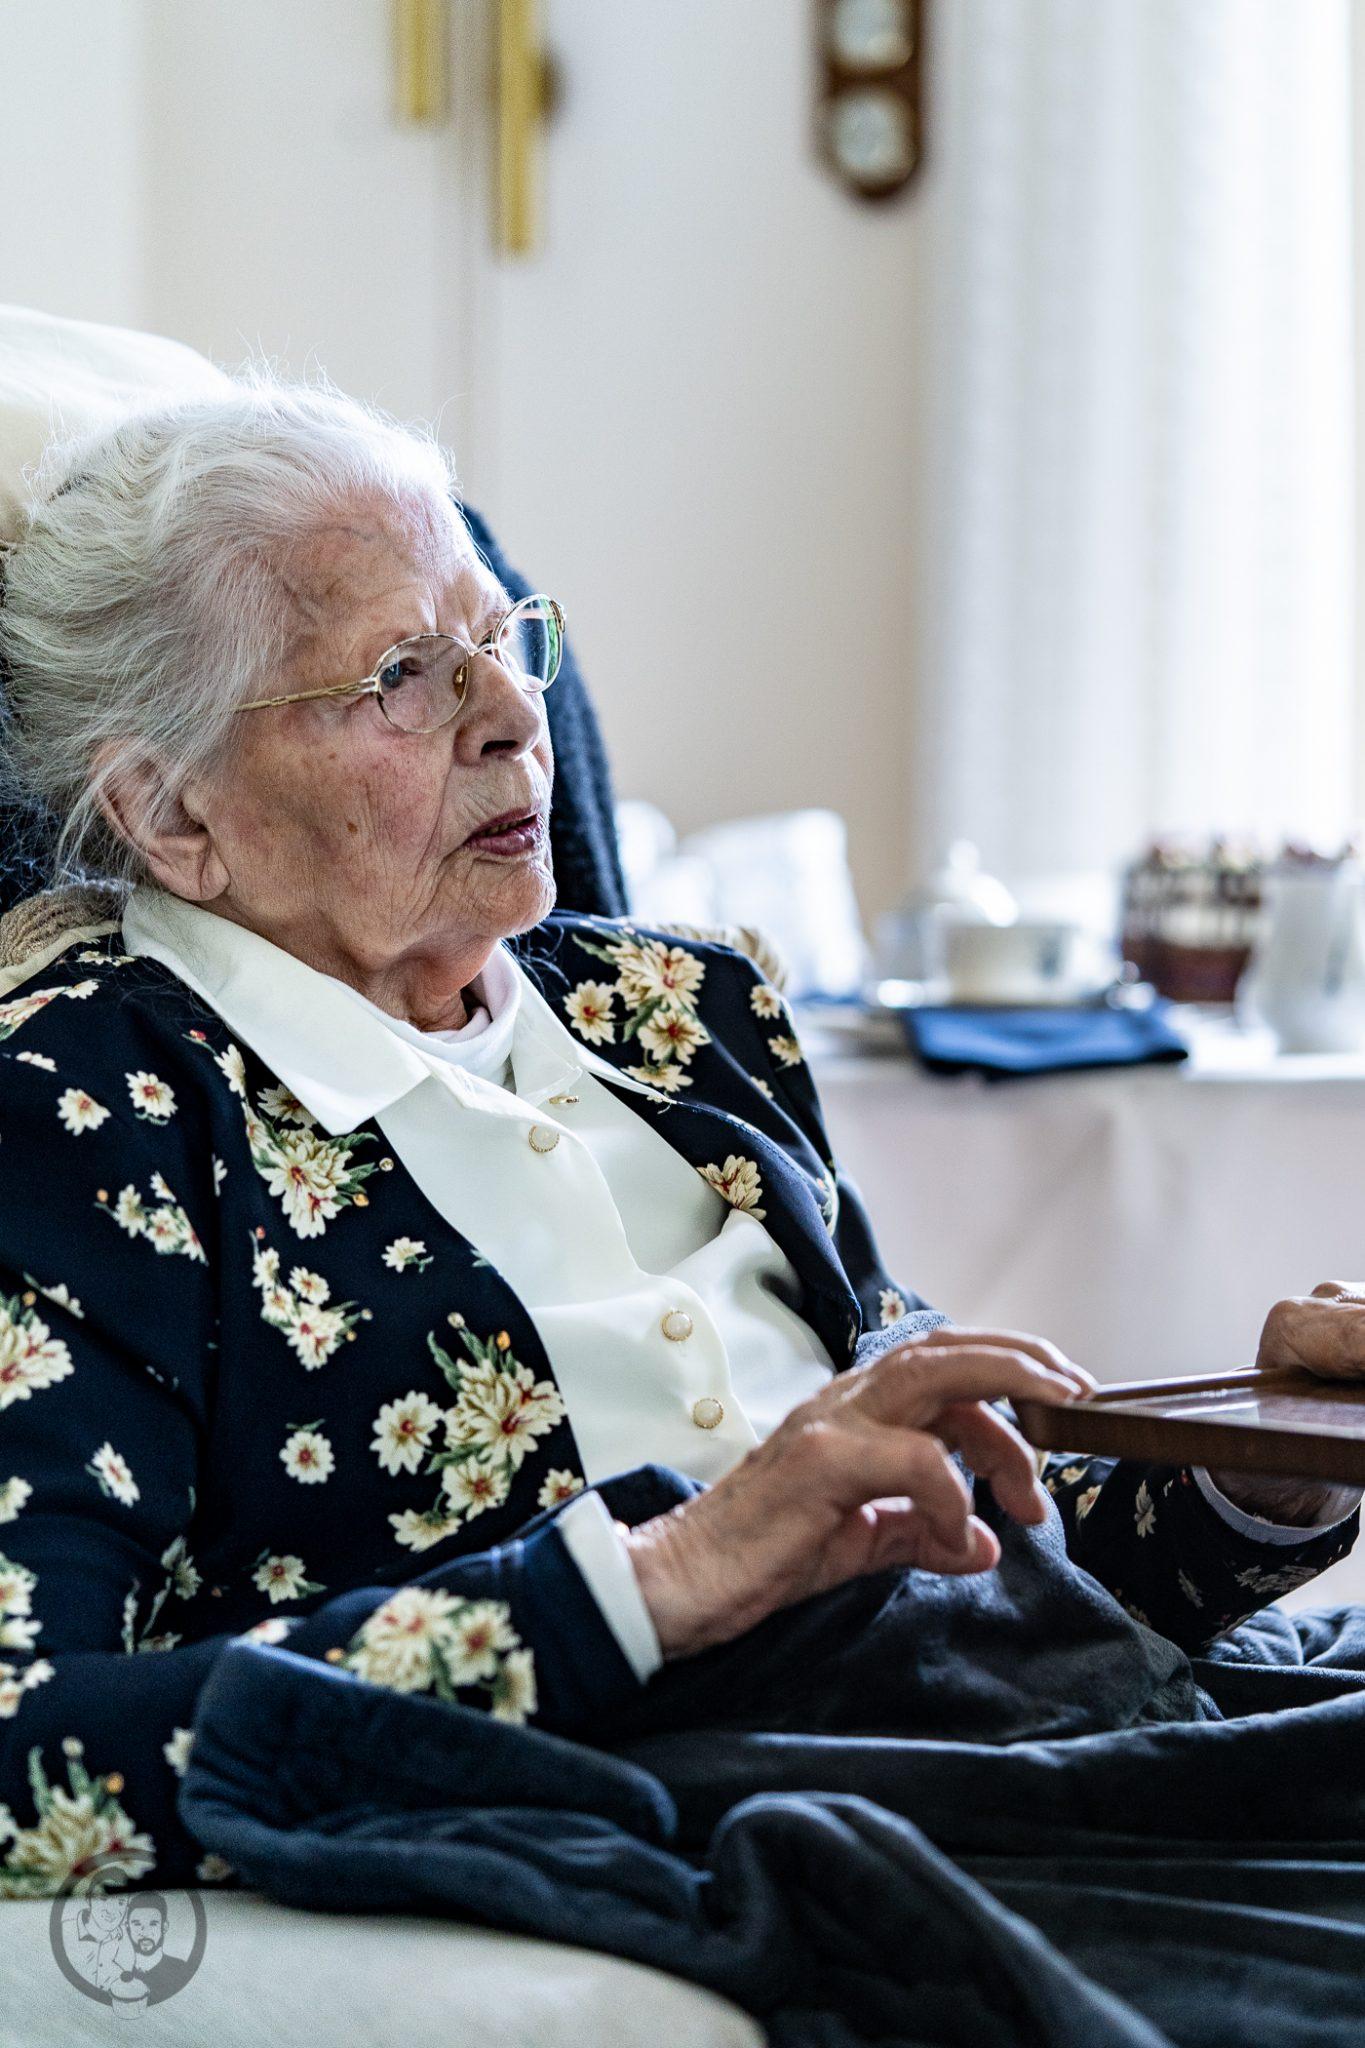 schwarzw%C3%A4lderkirsch villeroyboch mW 8 | Oma Lore hat etwas zu feiern. Am Freitag wurde sie 93 Jahre alt und da haben wir natürlich ausgiebig gefeiert. Seit Monaten besprechen wir schon mit ihr, welche Kuchen oder Torten sie denn gerne zum Geburtstag von uns gebacken bekommen möchte. Daran hat sich immer wieder die eine oder andere Idee verändert. Was aber geblieben ist, ist ihre Schwarzwälderkirschtorte. Das war ja quasi die Geburtstagstorte, die es immer zu Opas Geburtstag gab. Vielleicht wollte sie ihn auf diese Art mit dabei haben, um ihr Jubiläum zu feiern.